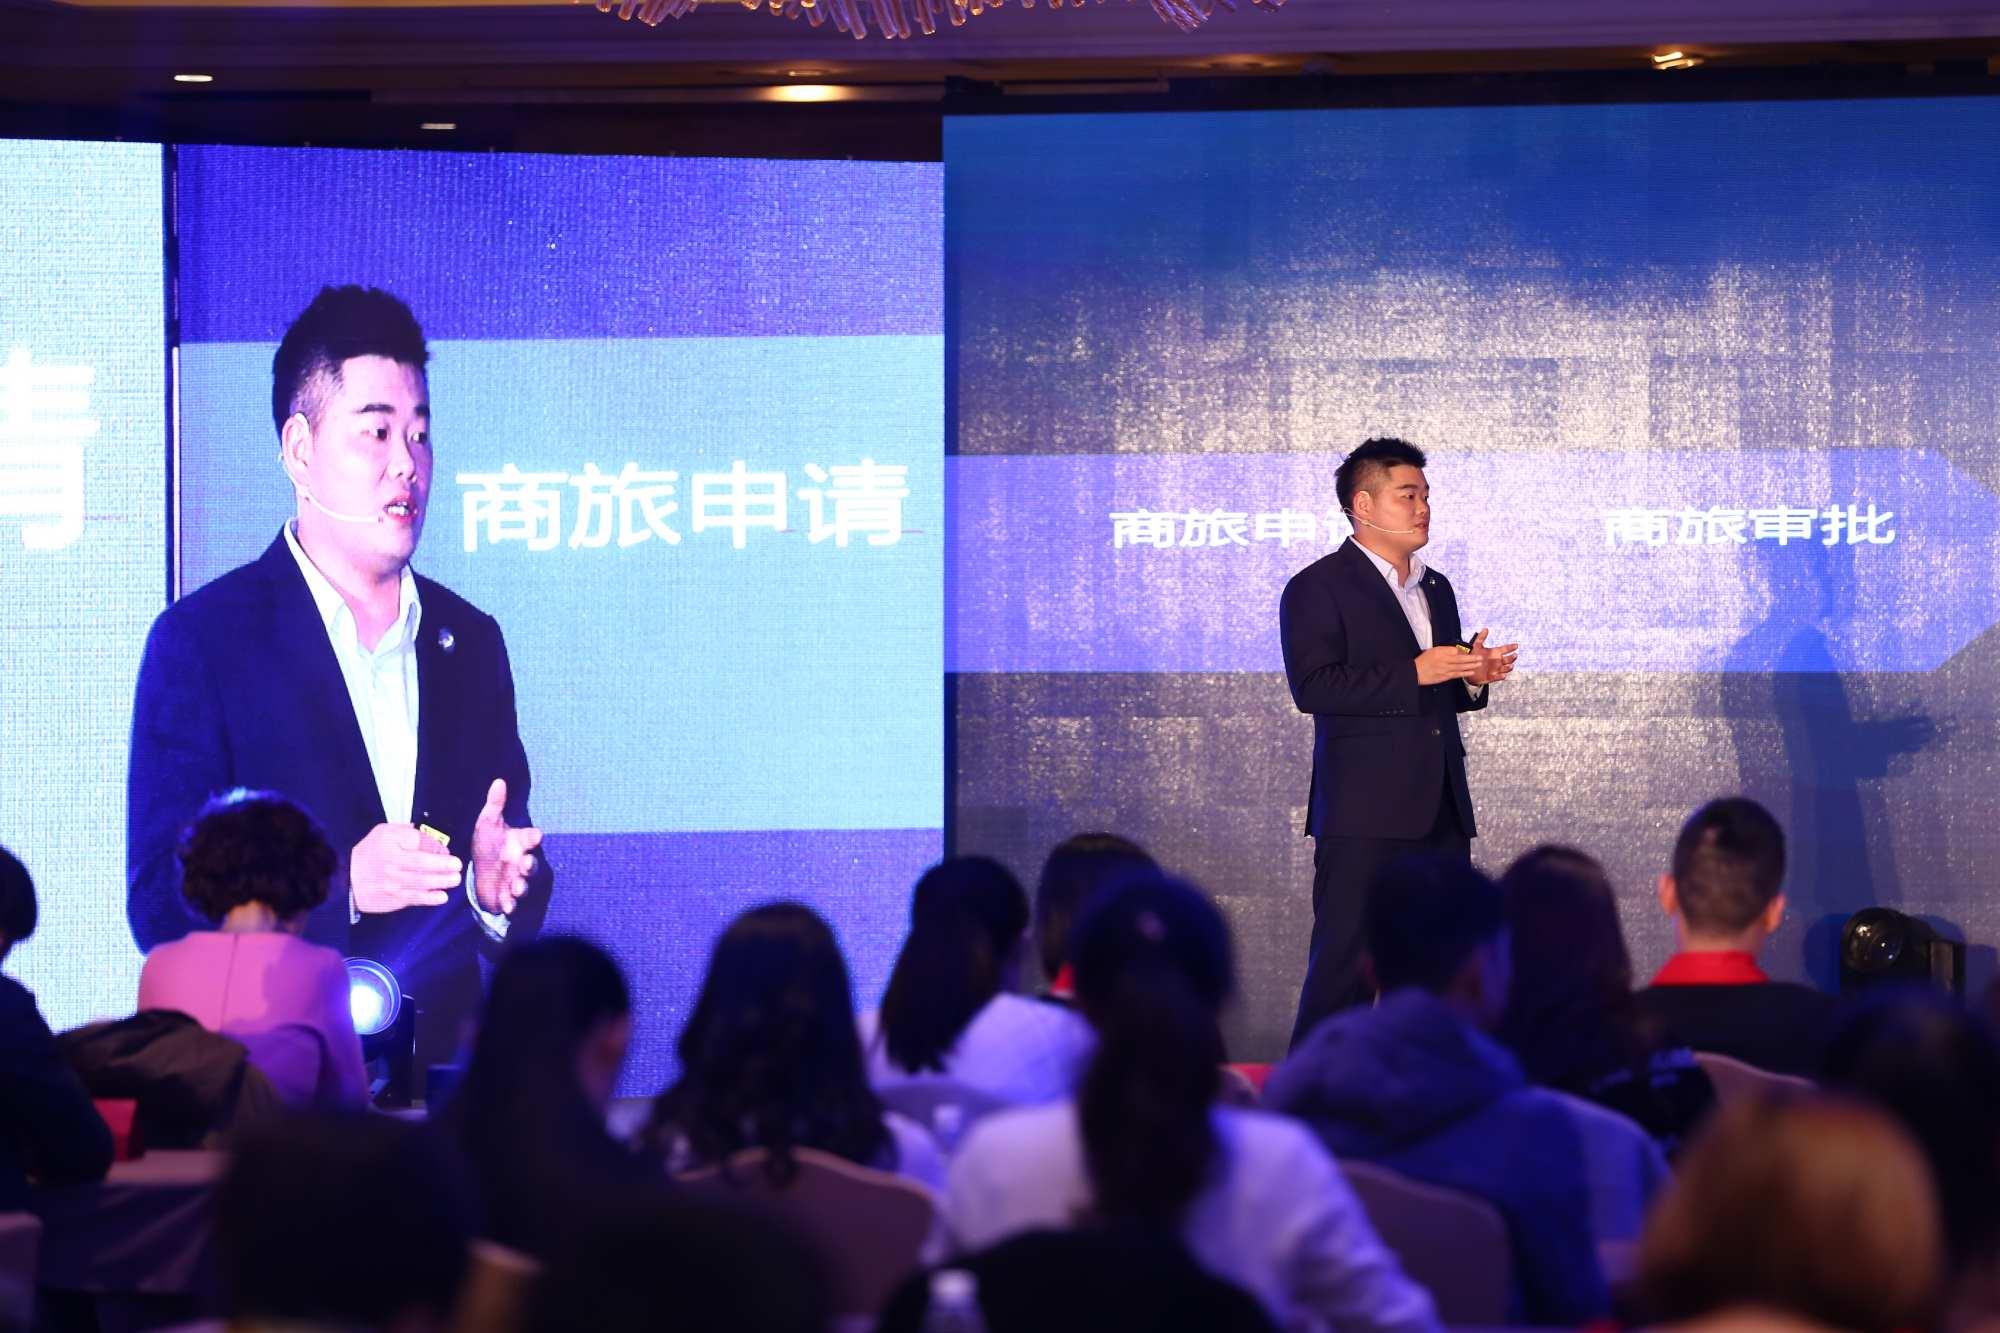 泛嘉商旅生态发布会 创始人杨隐峰畅谈商旅AI赋能